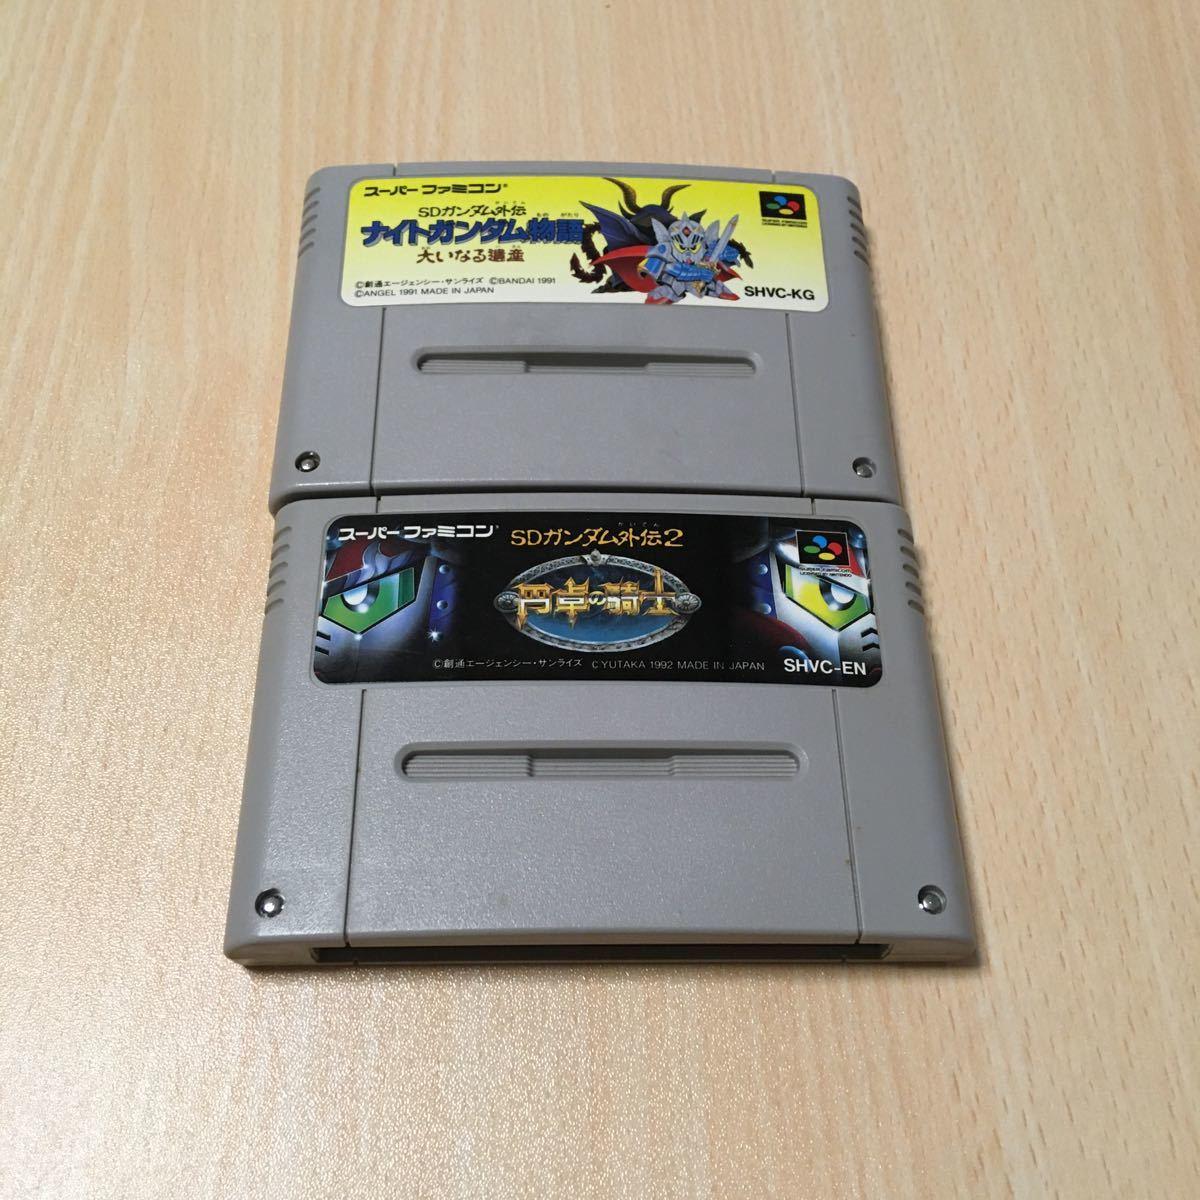 ナイトガンダム 物語 円卓の騎士 スーパーファミコン